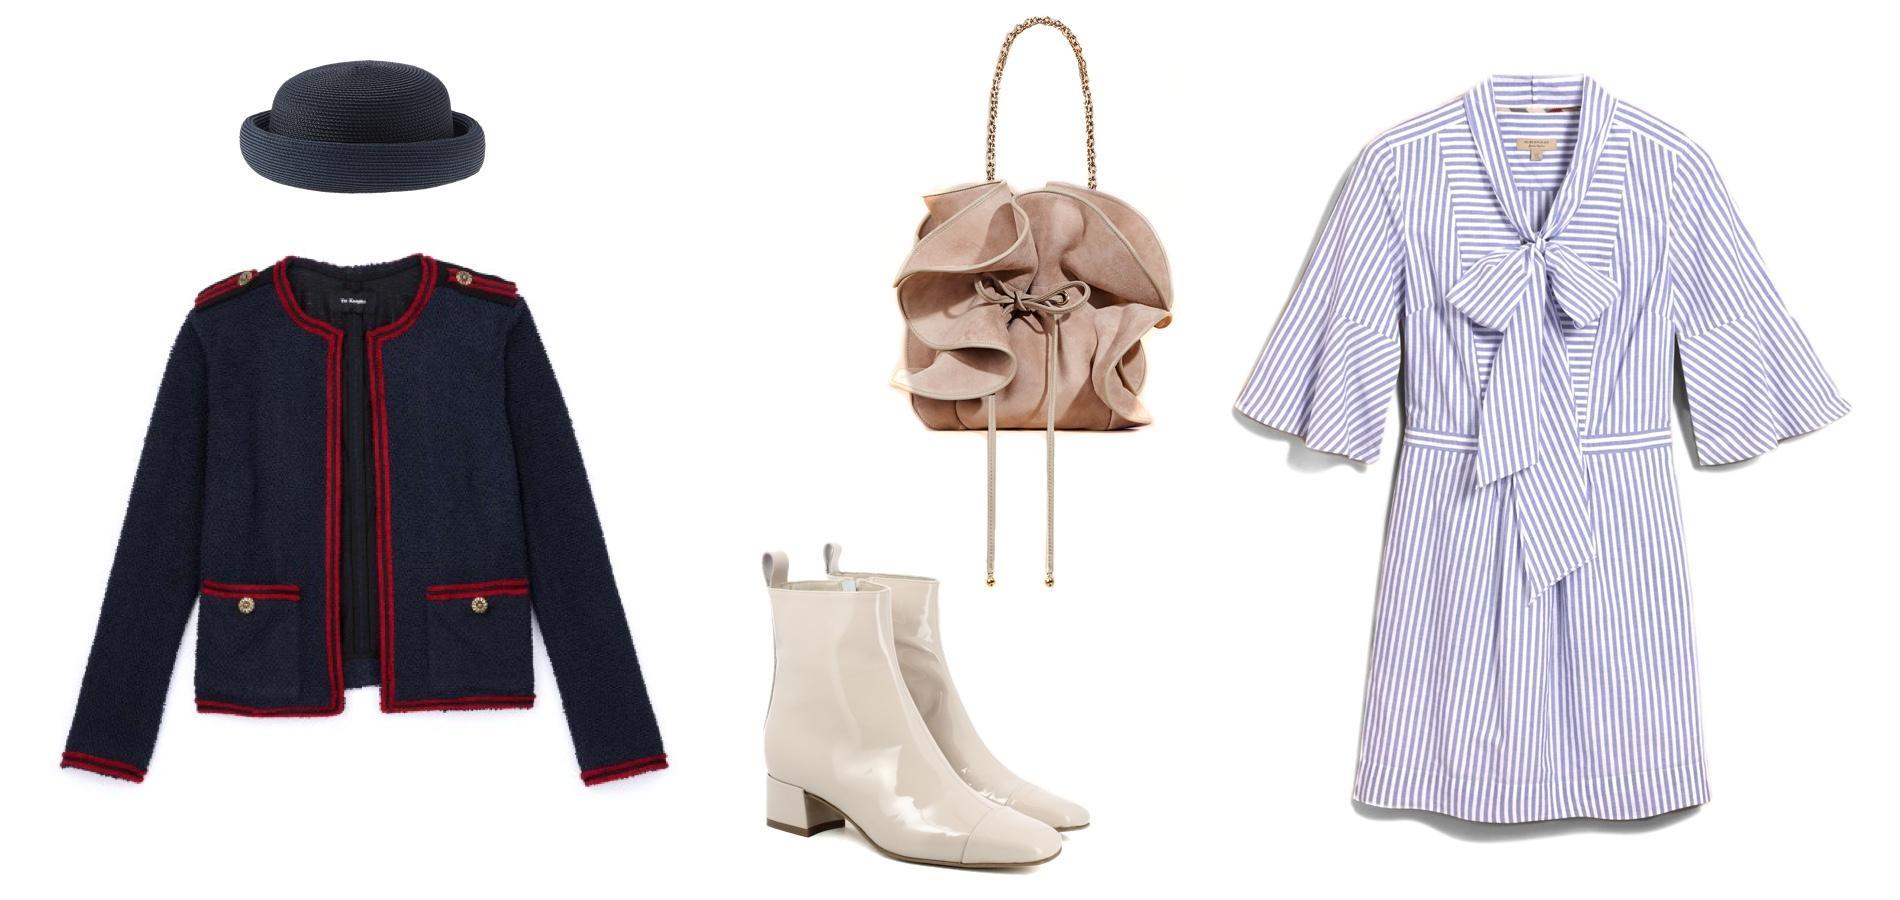 Idee tenue pour bapteme fashion designs - Tenue pour un bapteme ...